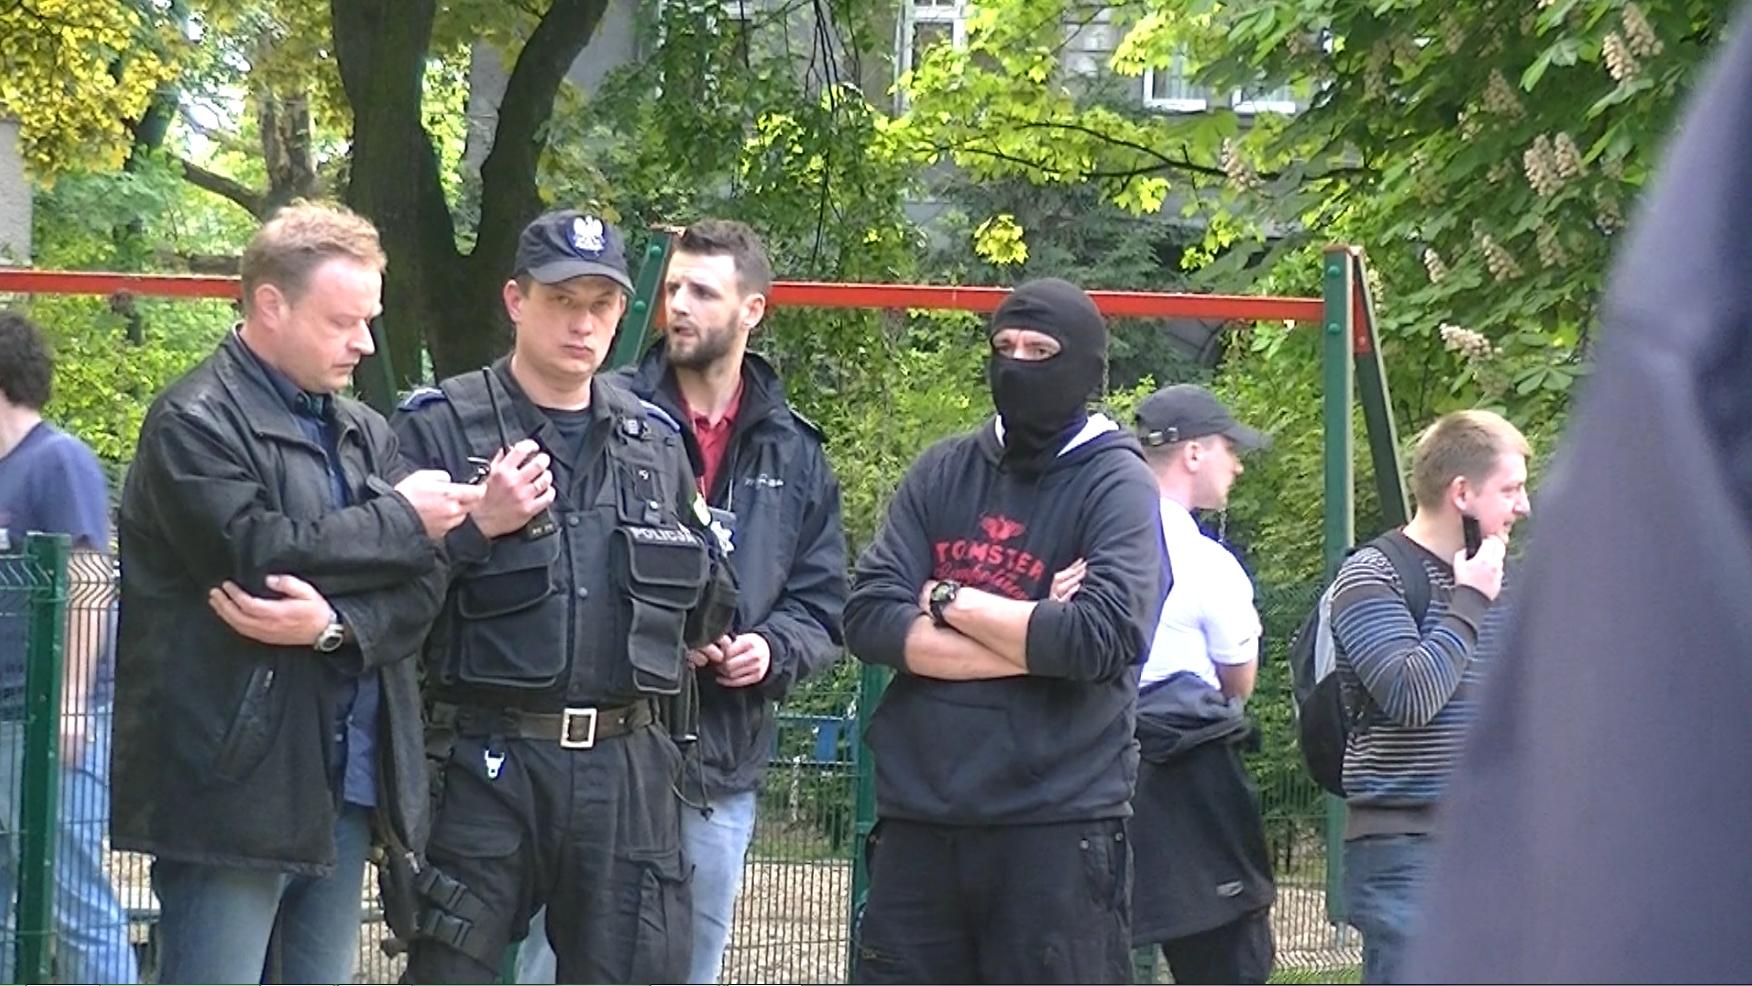 WOLNY CZYN: Trzecia Rzesza Pospolita morduje kolejnego dziennikarza